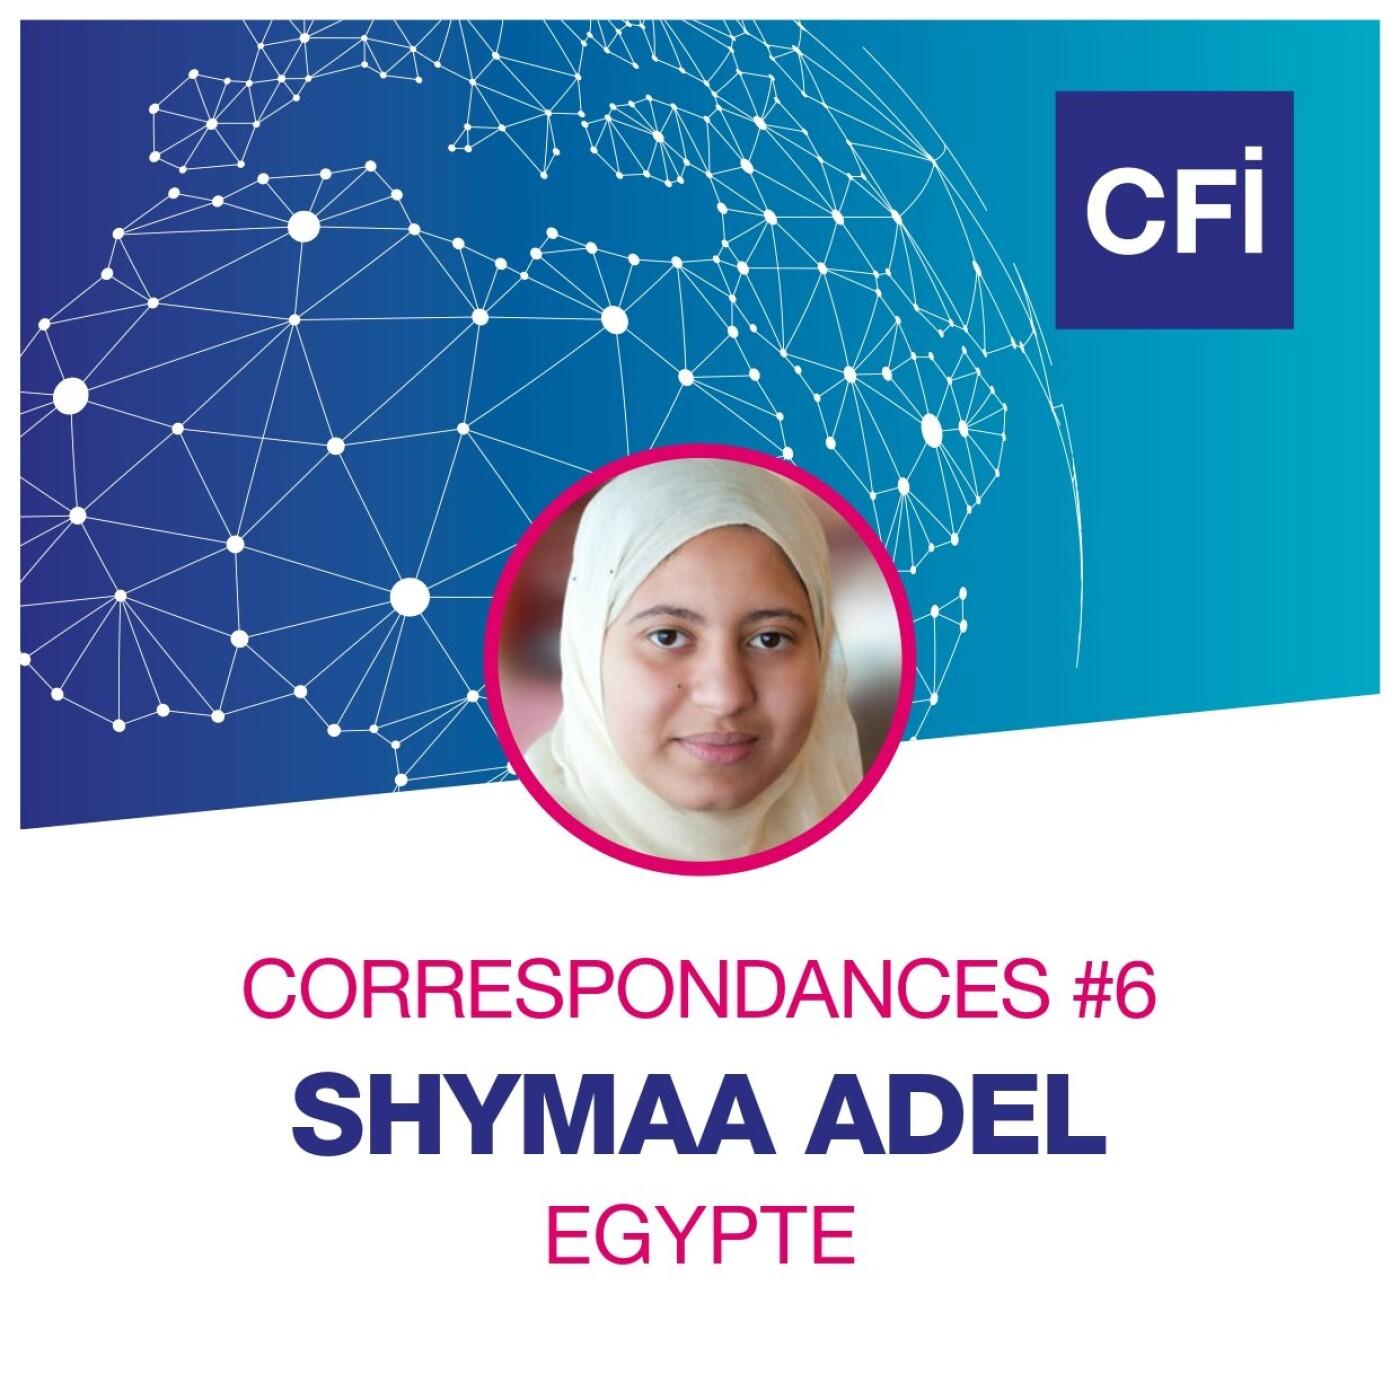 Correspondances #6 - Shymaa Adel,  la journaliste égyptienne sur le front